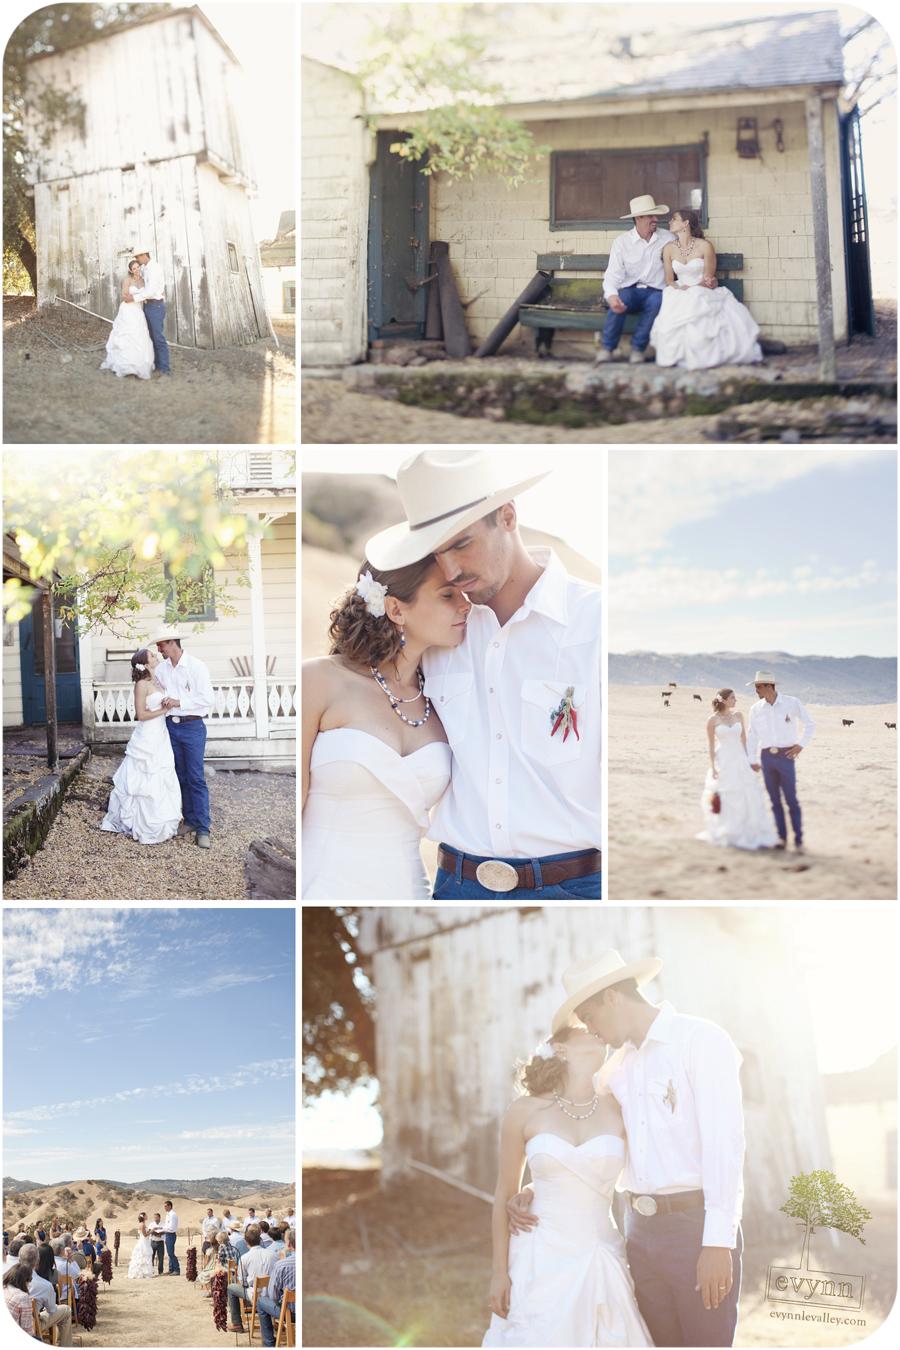 Ranch, Wedding, Carmel Valley, California, Cowboy, Couple